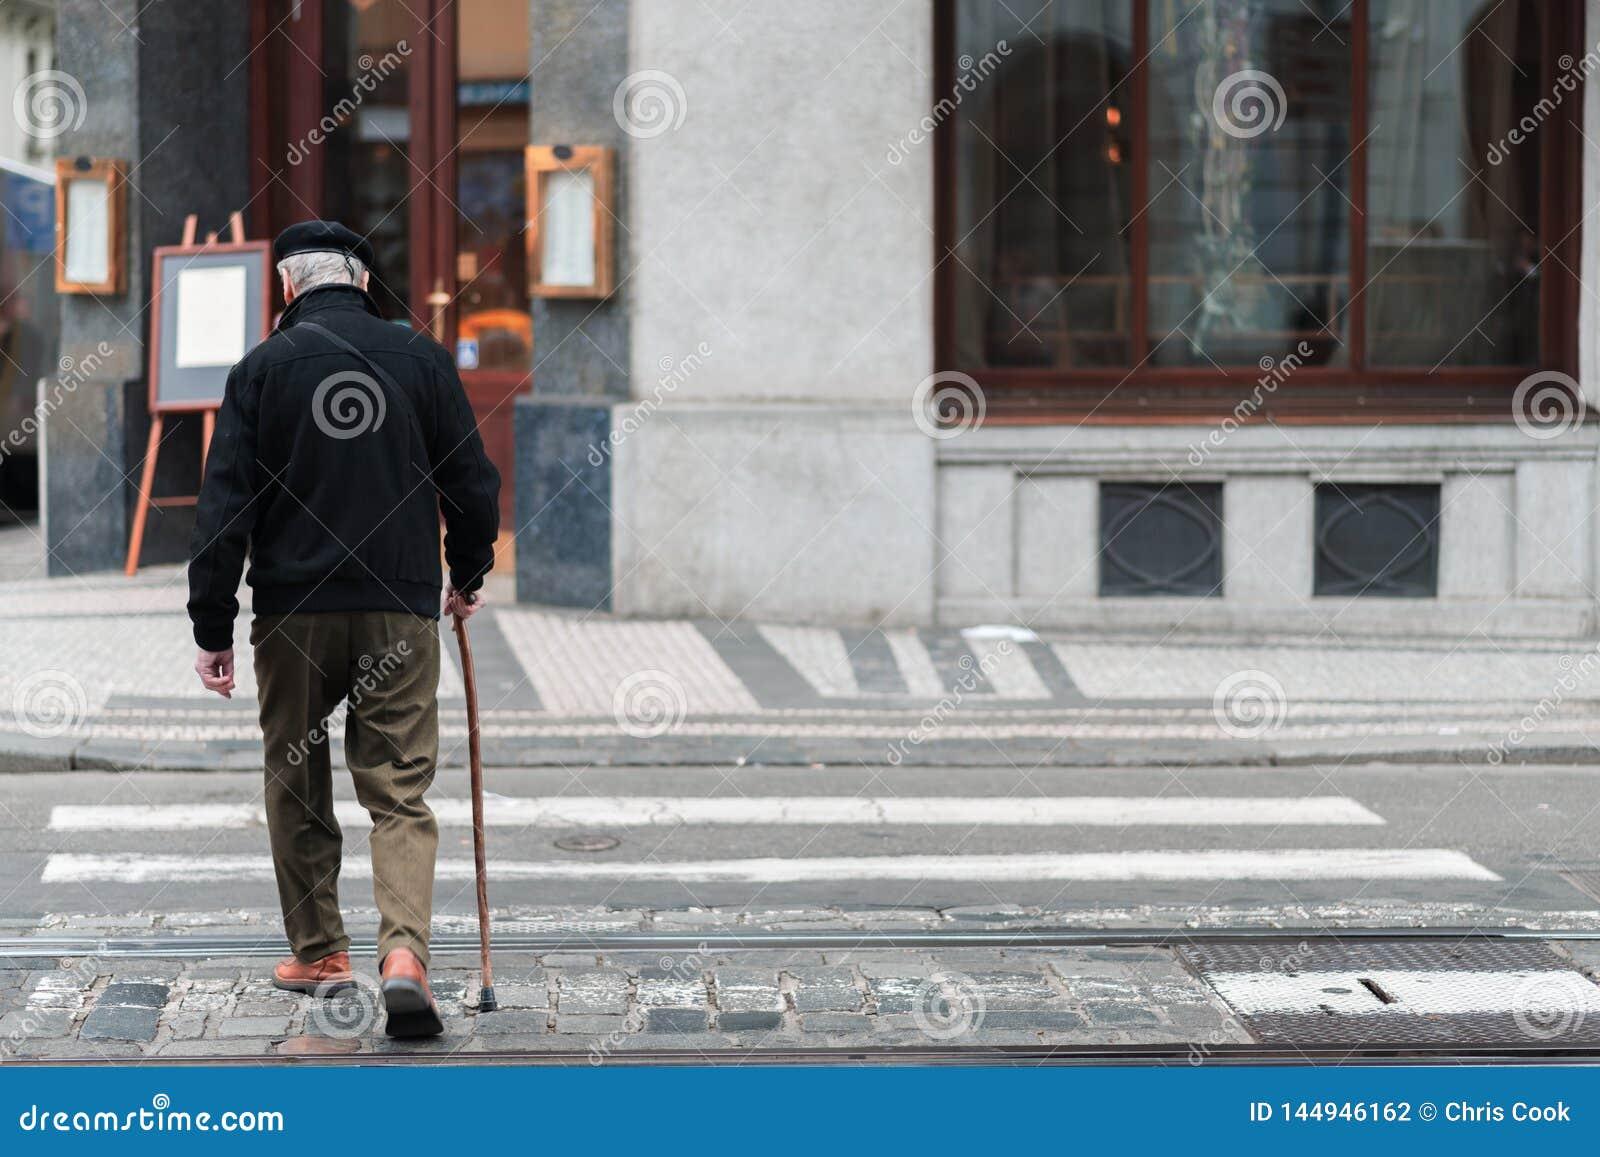 Een bejaard mannetje met een wandelstok loopt langzaam over een zebrapad in het midden van een alleen stad